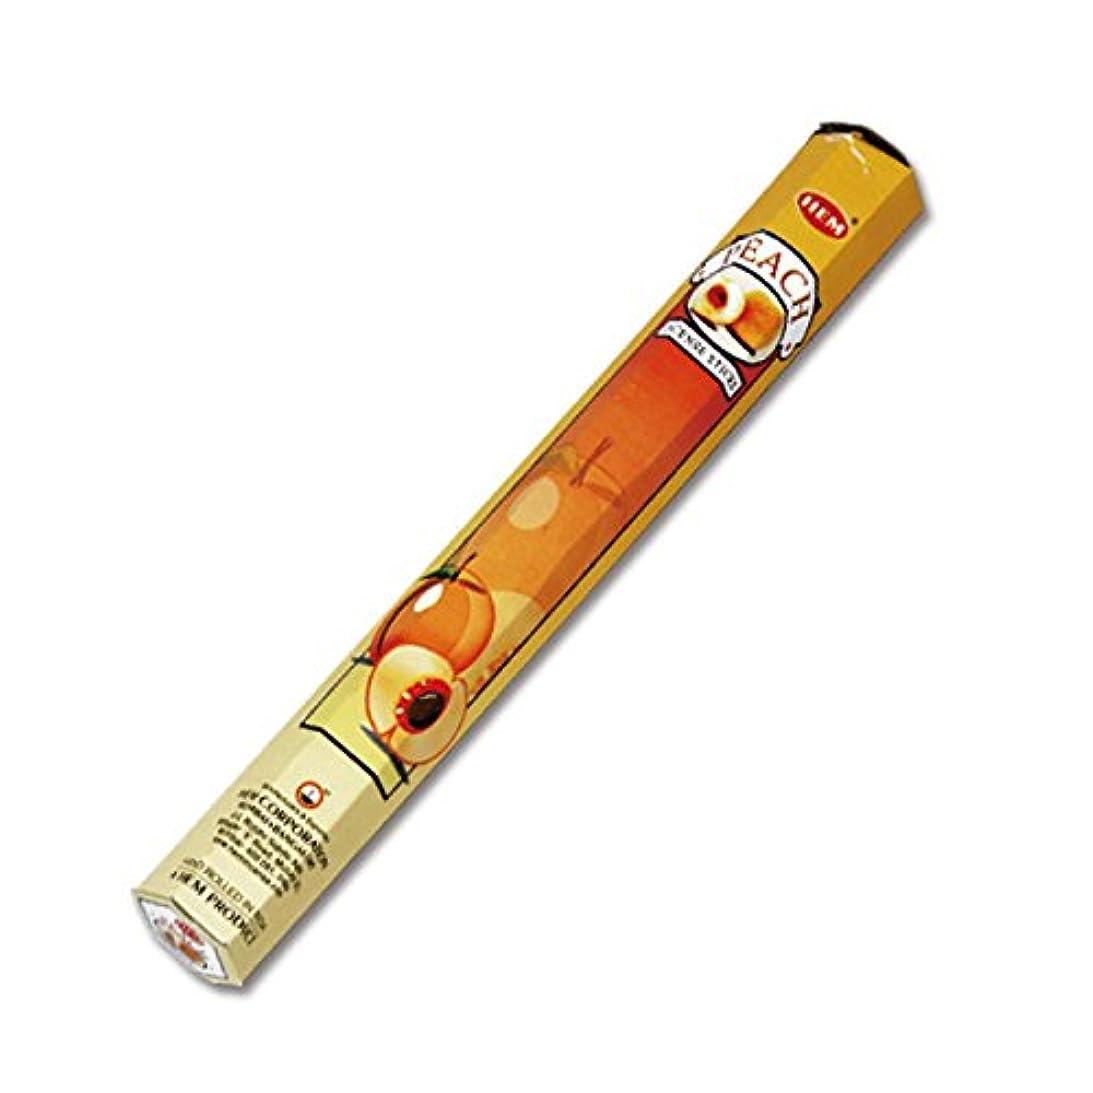 克服するローマ人光景HEM(ヘム) ピーチ PEACHT スティックタイプ お香 1筒 単品 [並行輸入品]